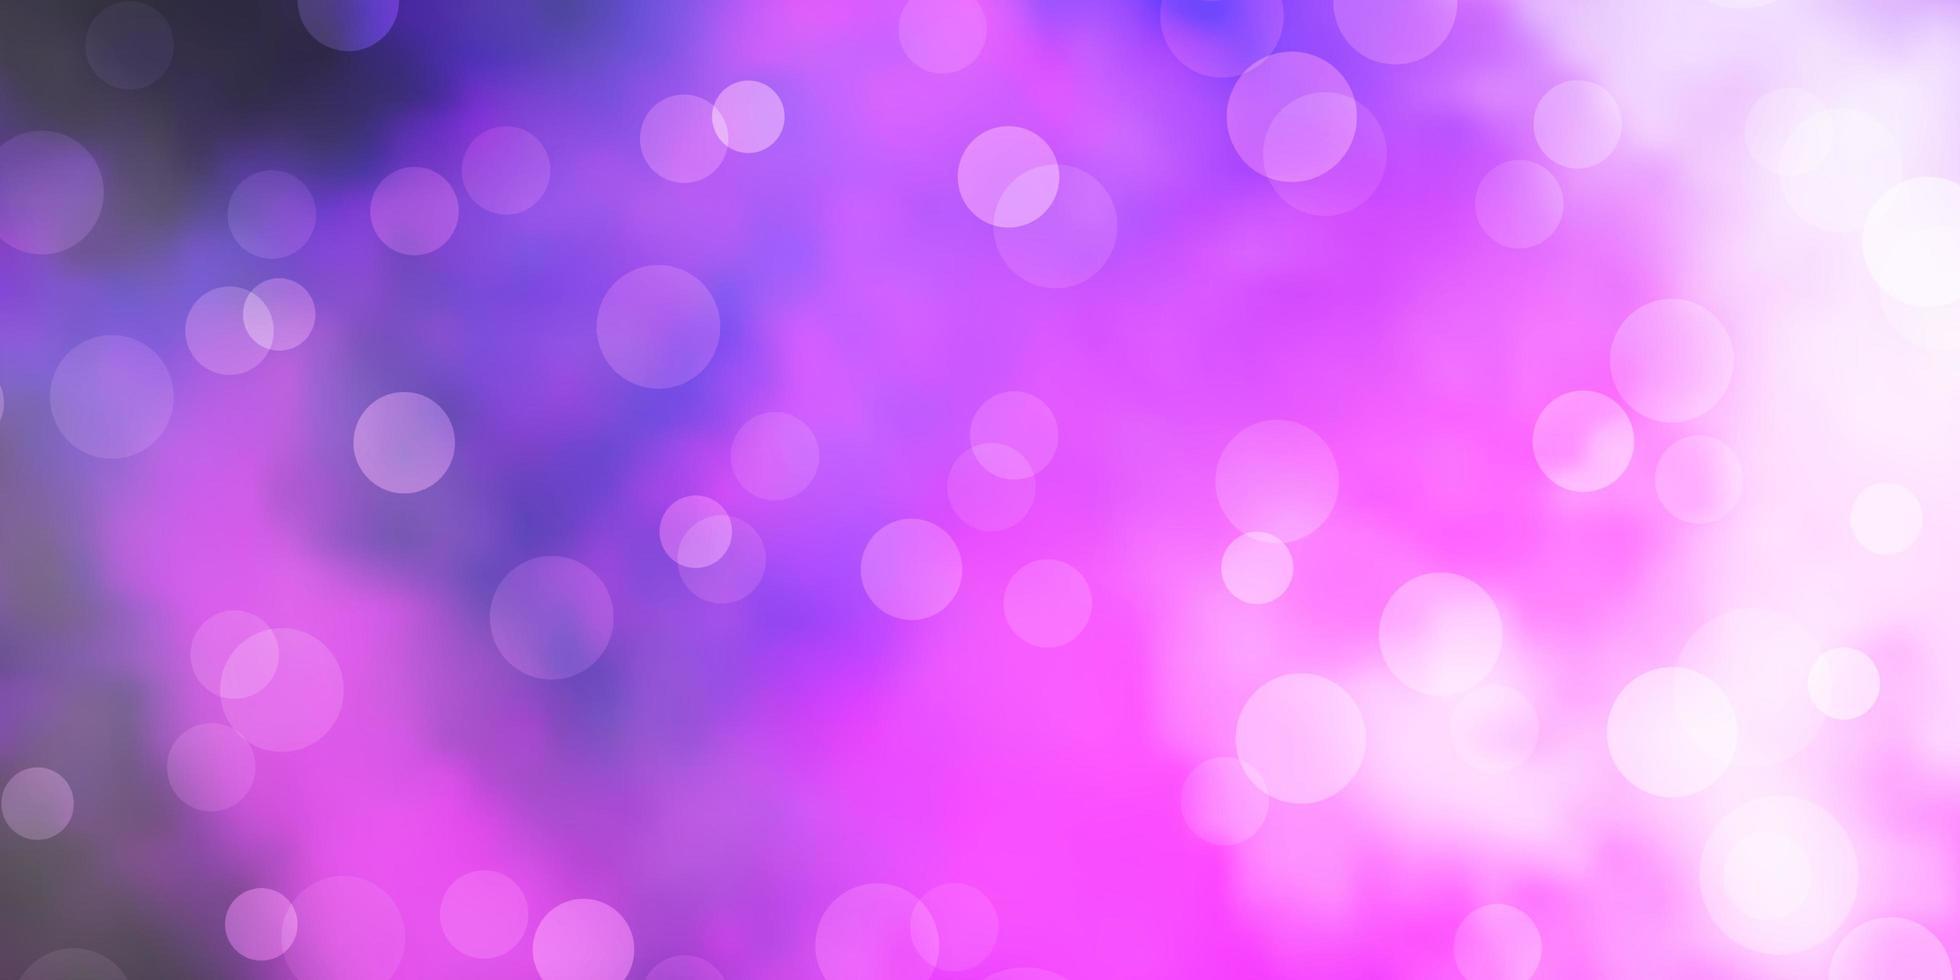 lichtpaars, roze vectorpatroon met bollen. vector